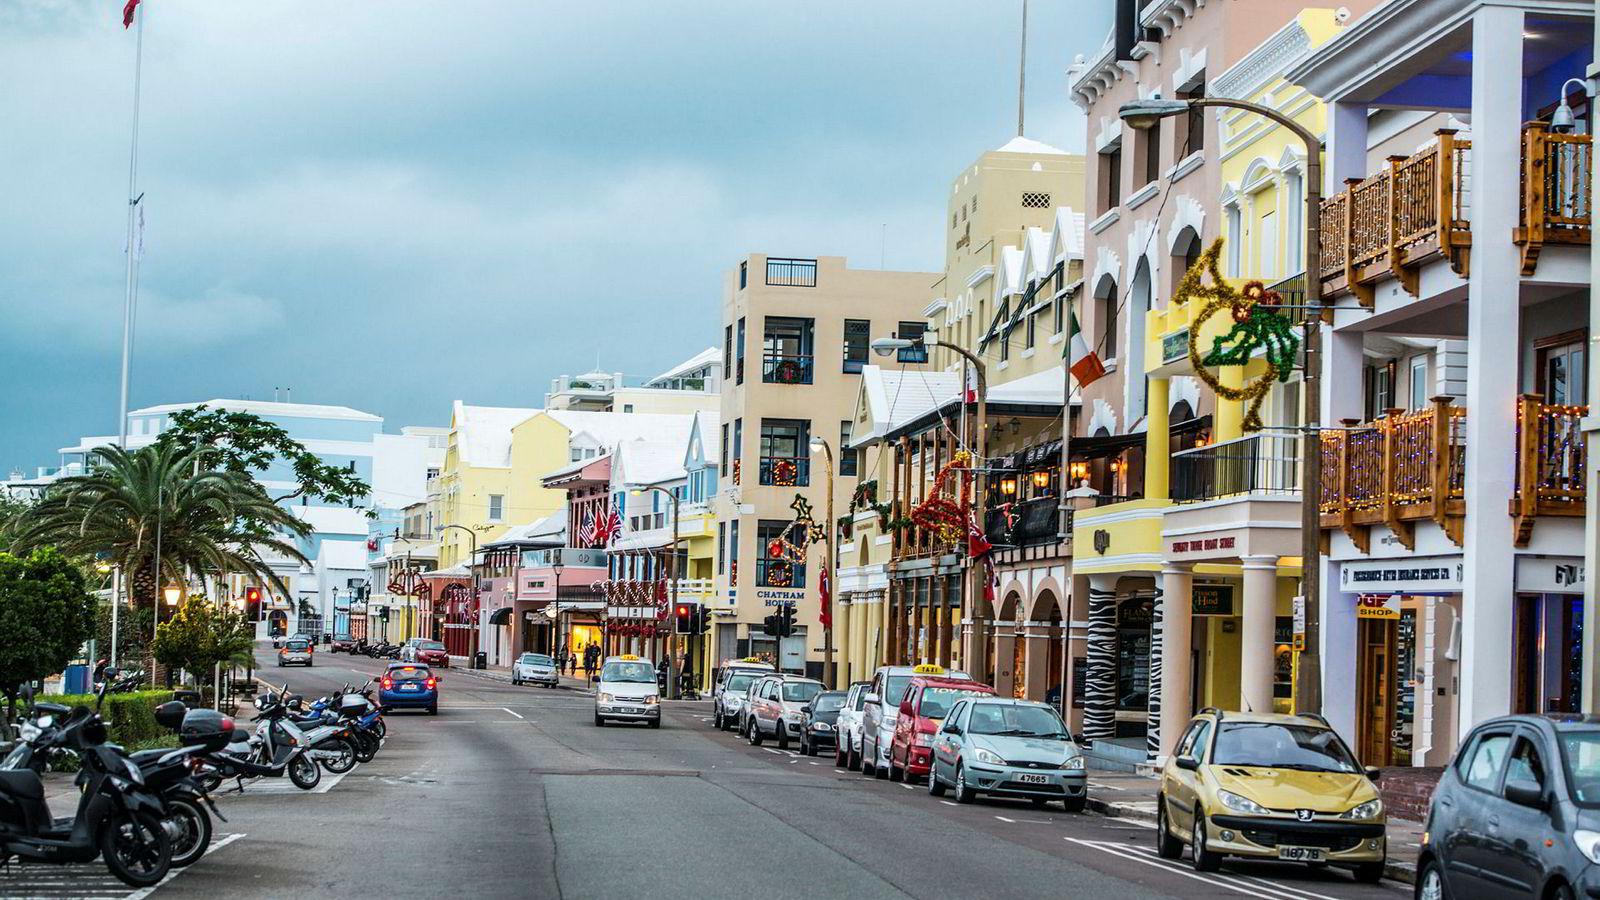 Selskap og enkeltpersoners bruk av skatteparadiser, som eksempelvis Bermuda, for lovlig og ulovlig skatteplanlegging kan føre til mange utfordringer for Norge.